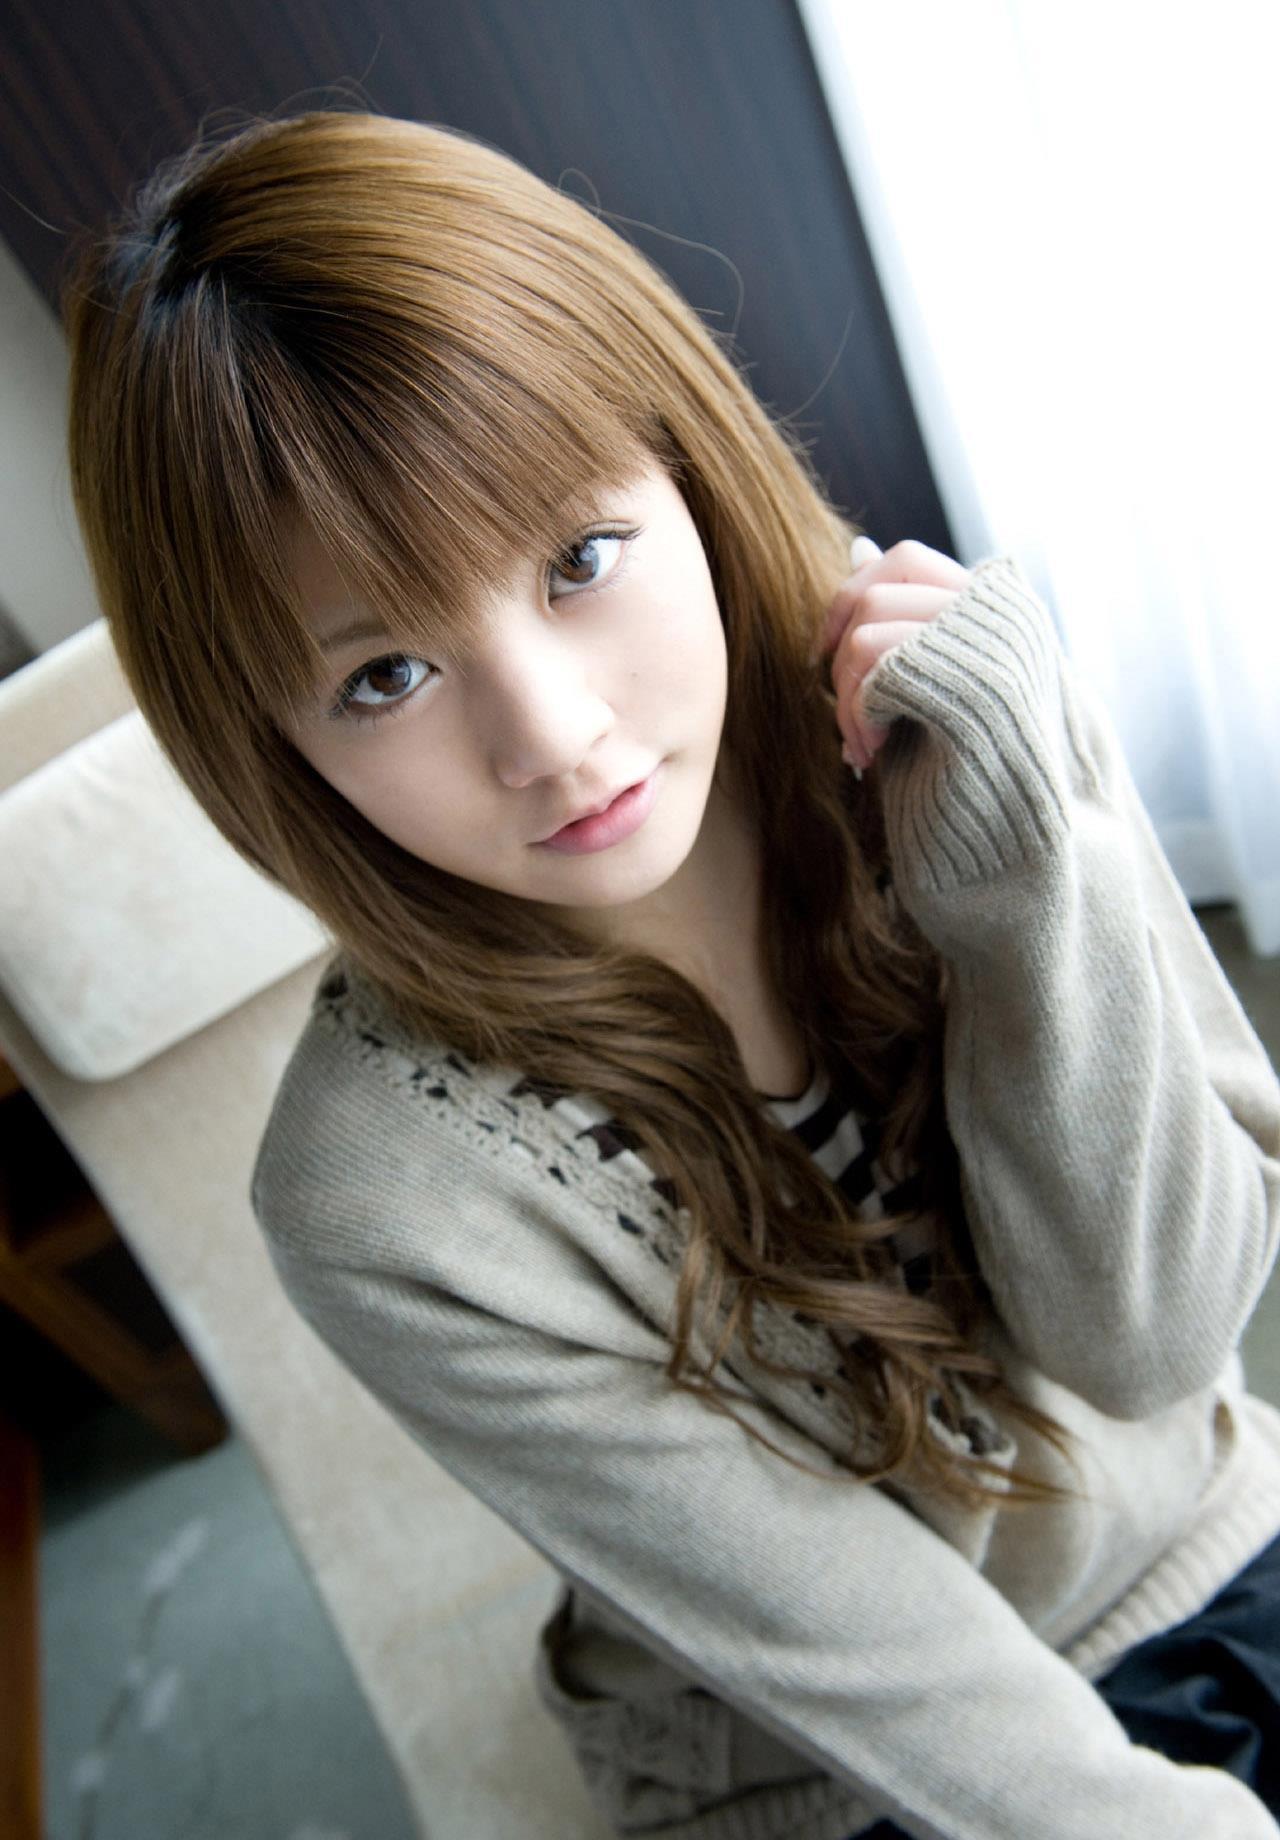 【月野りさエロ画像】平成最大の小悪魔可愛い美少女・月野りさ!(;´Д`)